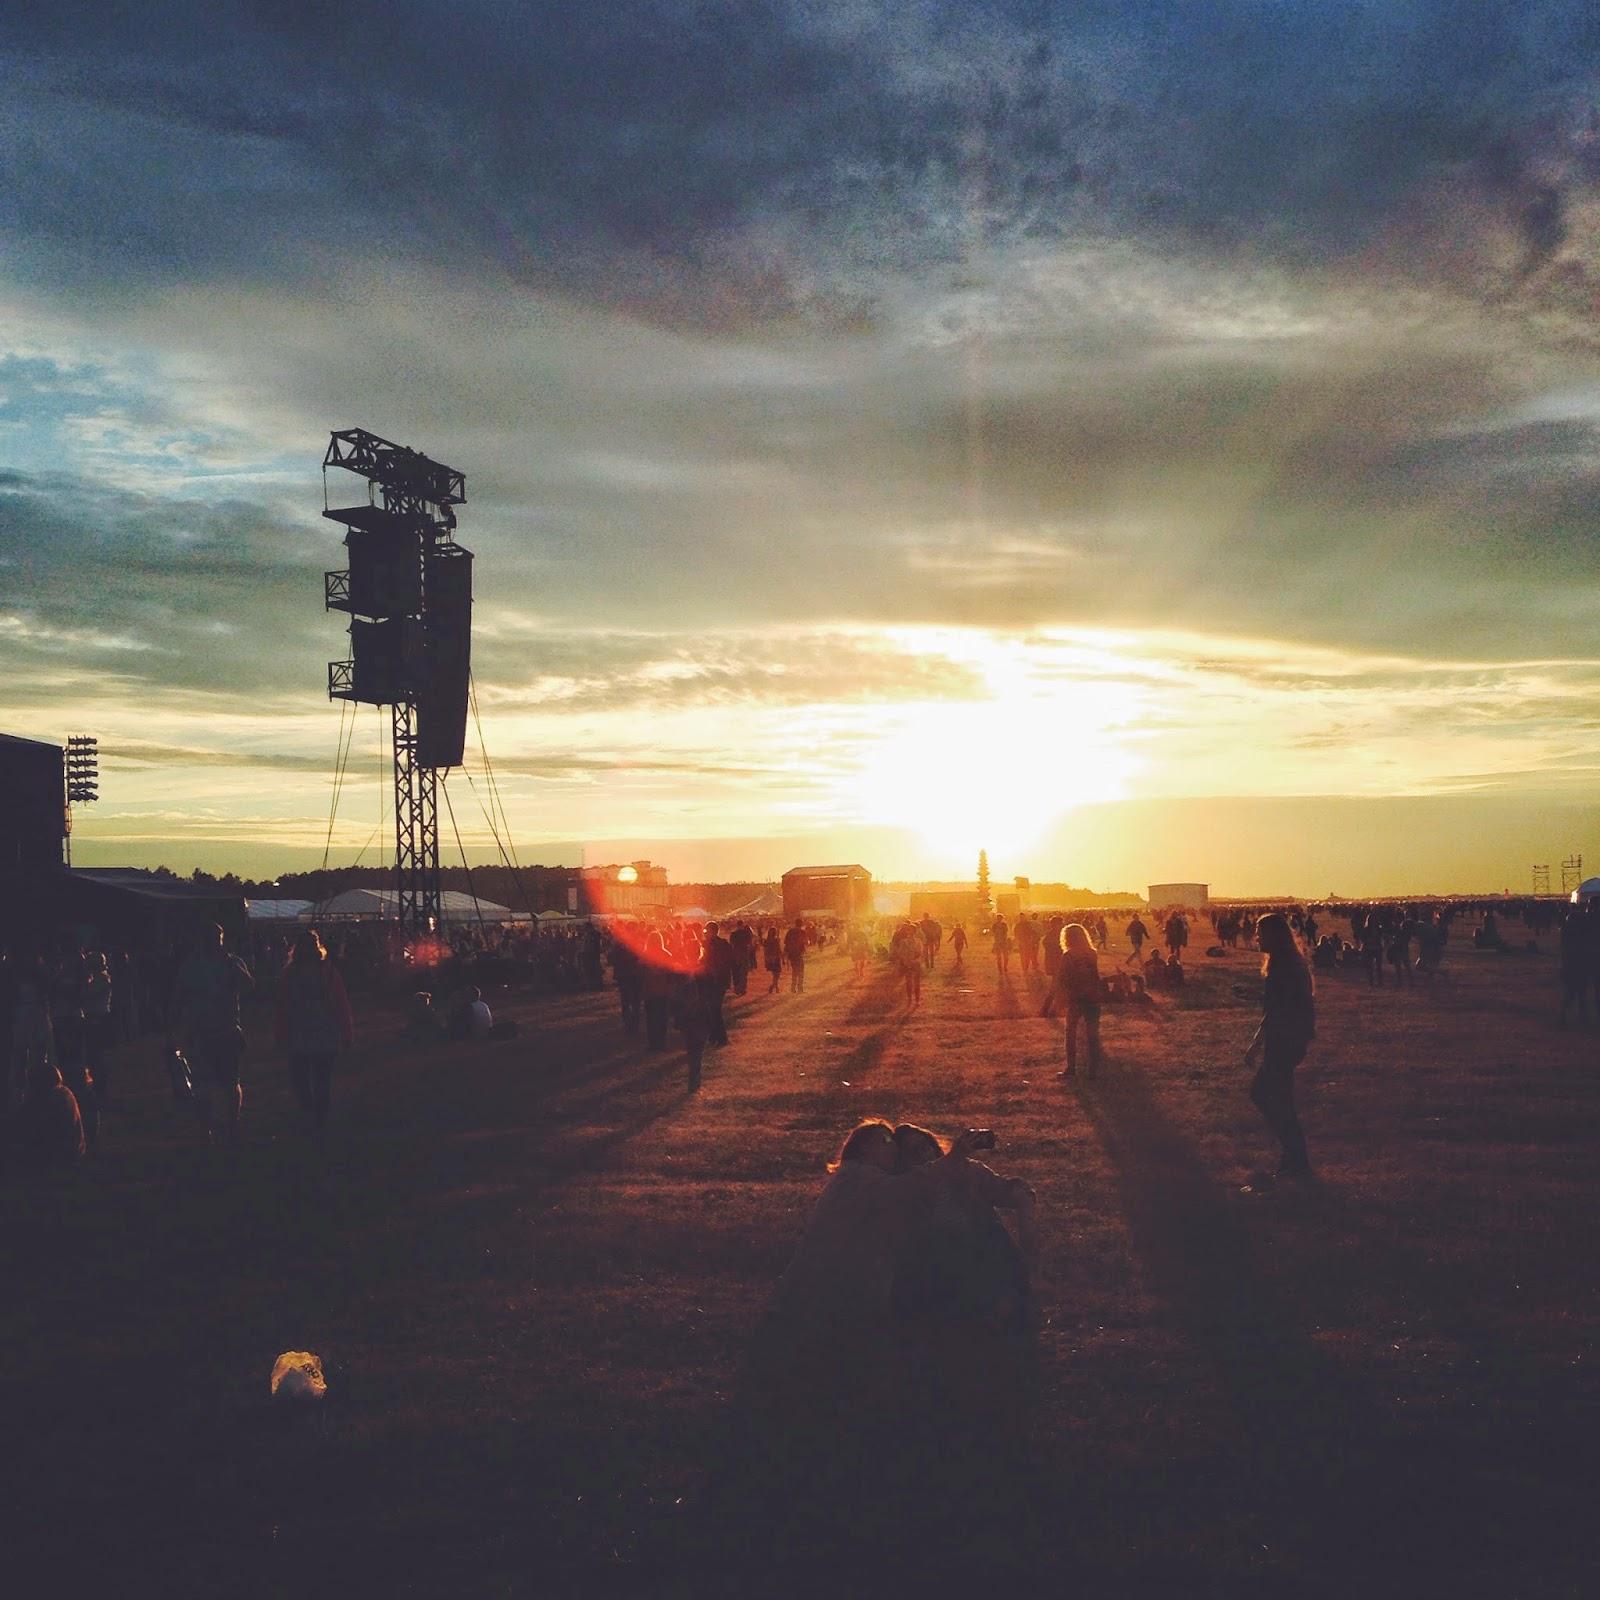 Opener festival sunset